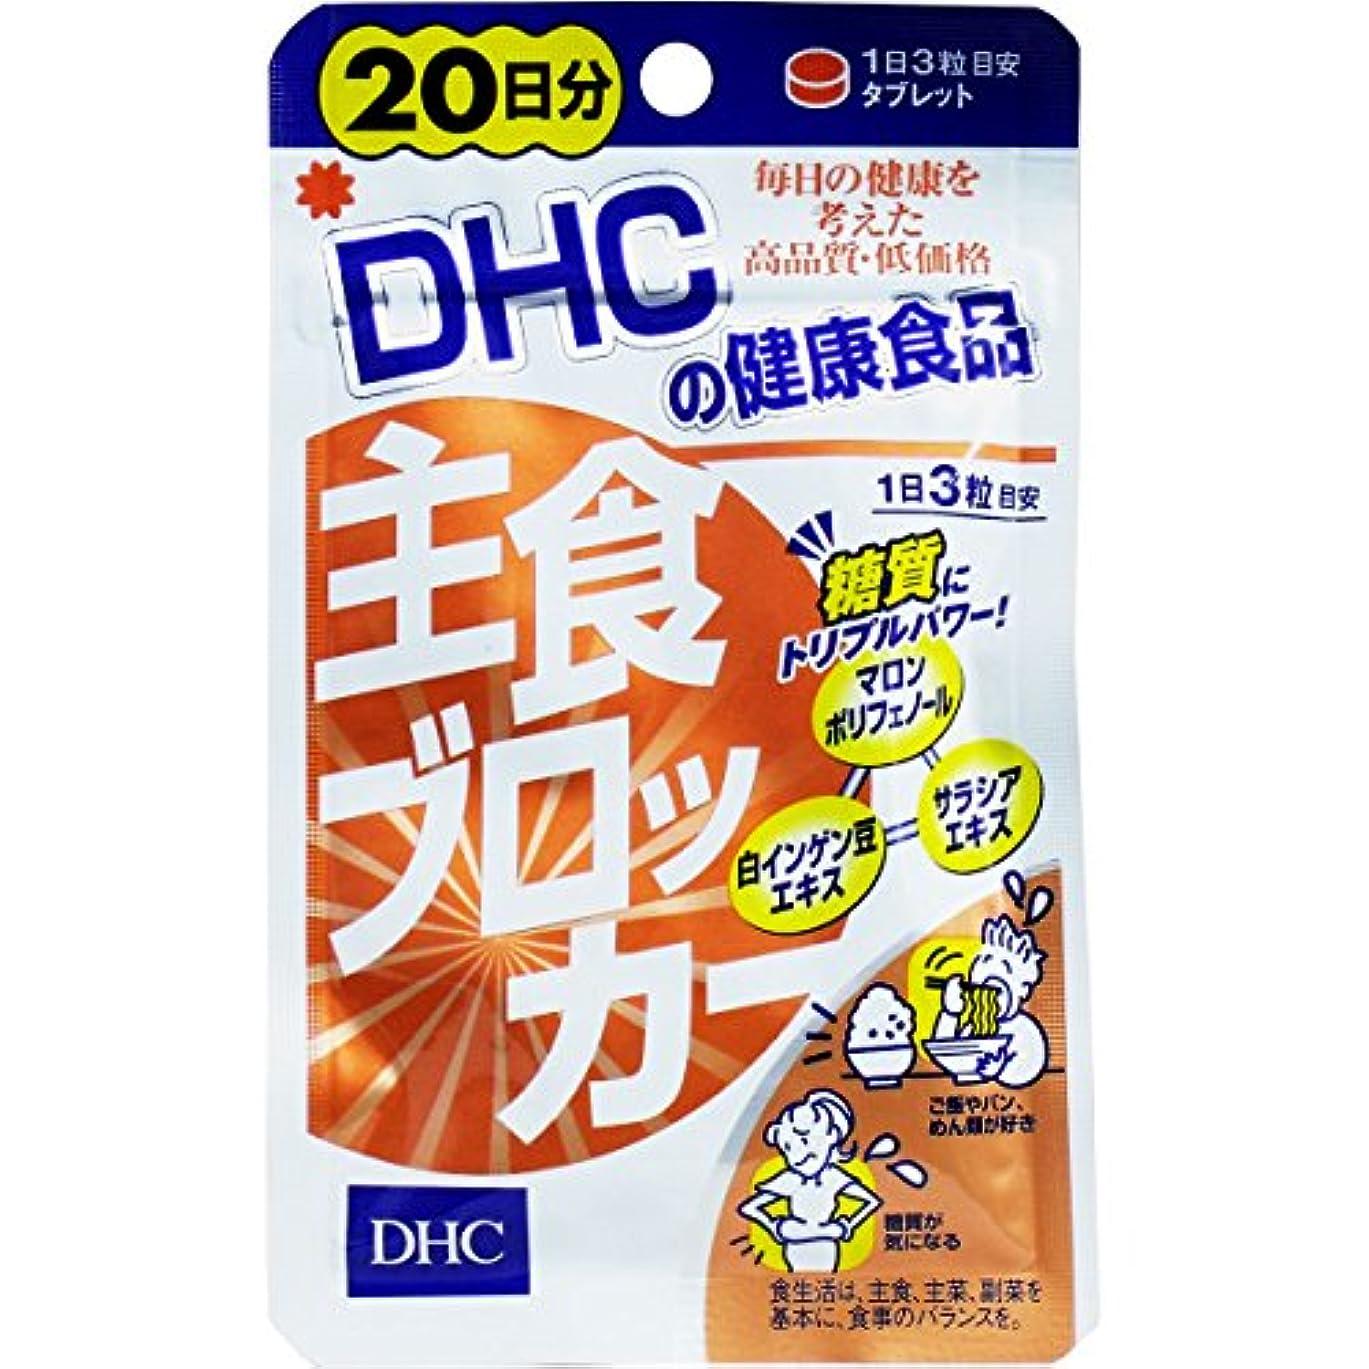 寛大なフィードバックデッドロック【DHC】主食ブロッカー 20日分 60粒 ×10個セット